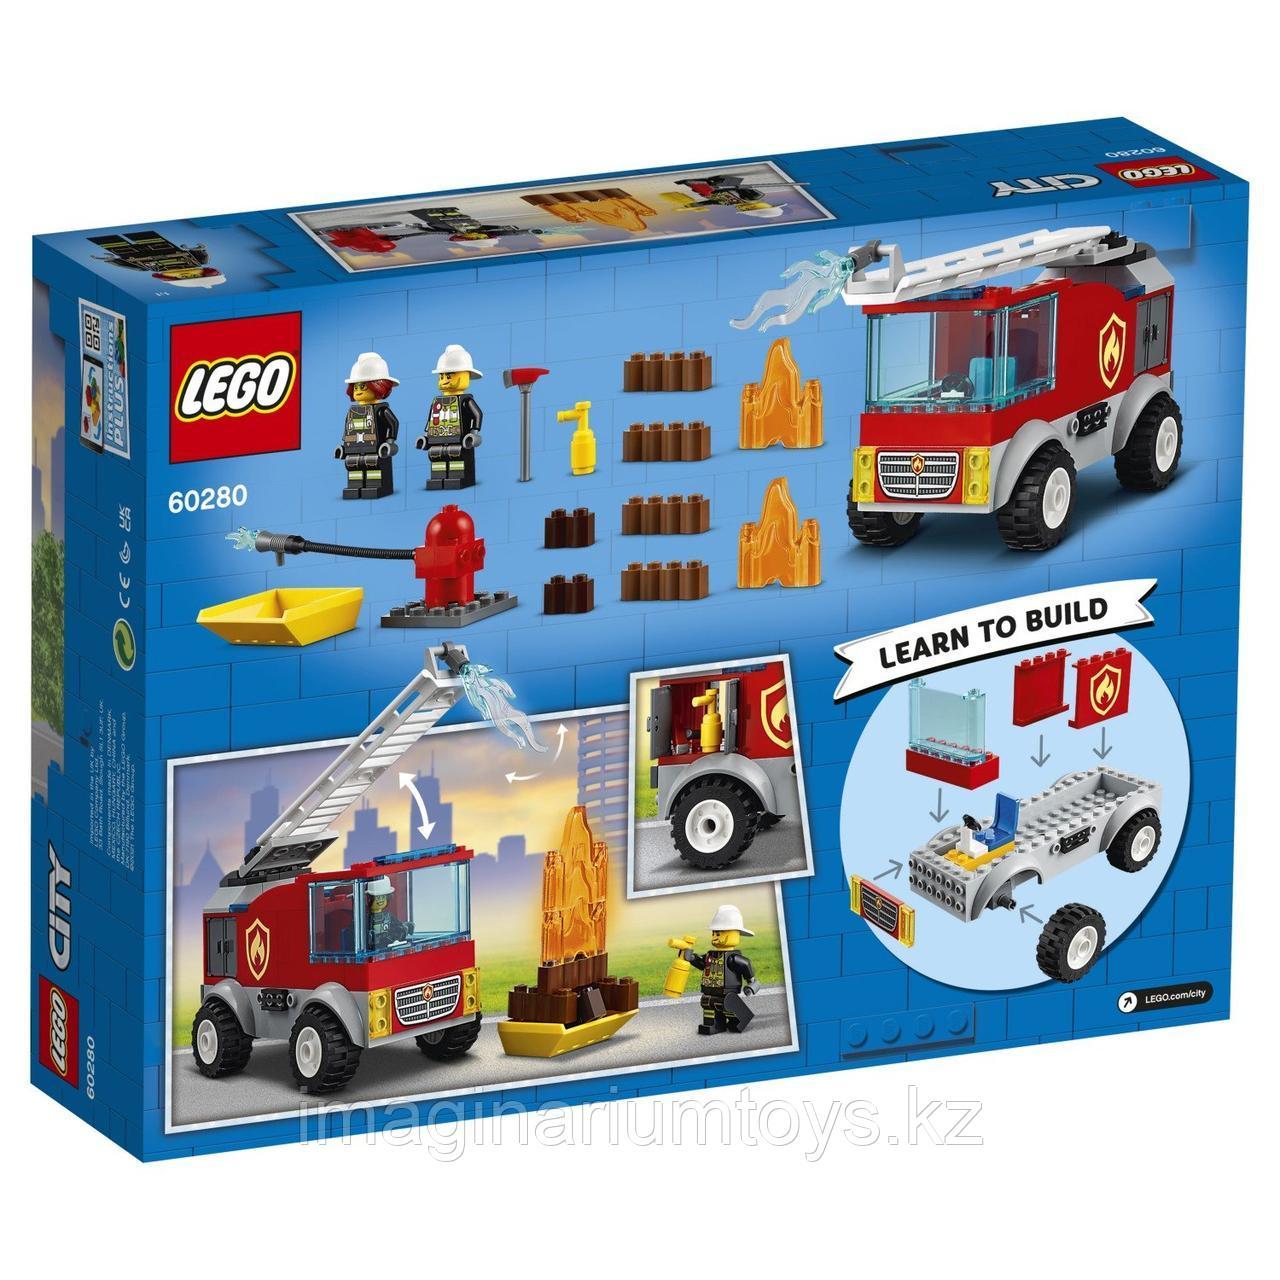 Конструктор LEGO City Лего город Пожарная машина с лестницей 60280 - фото 4